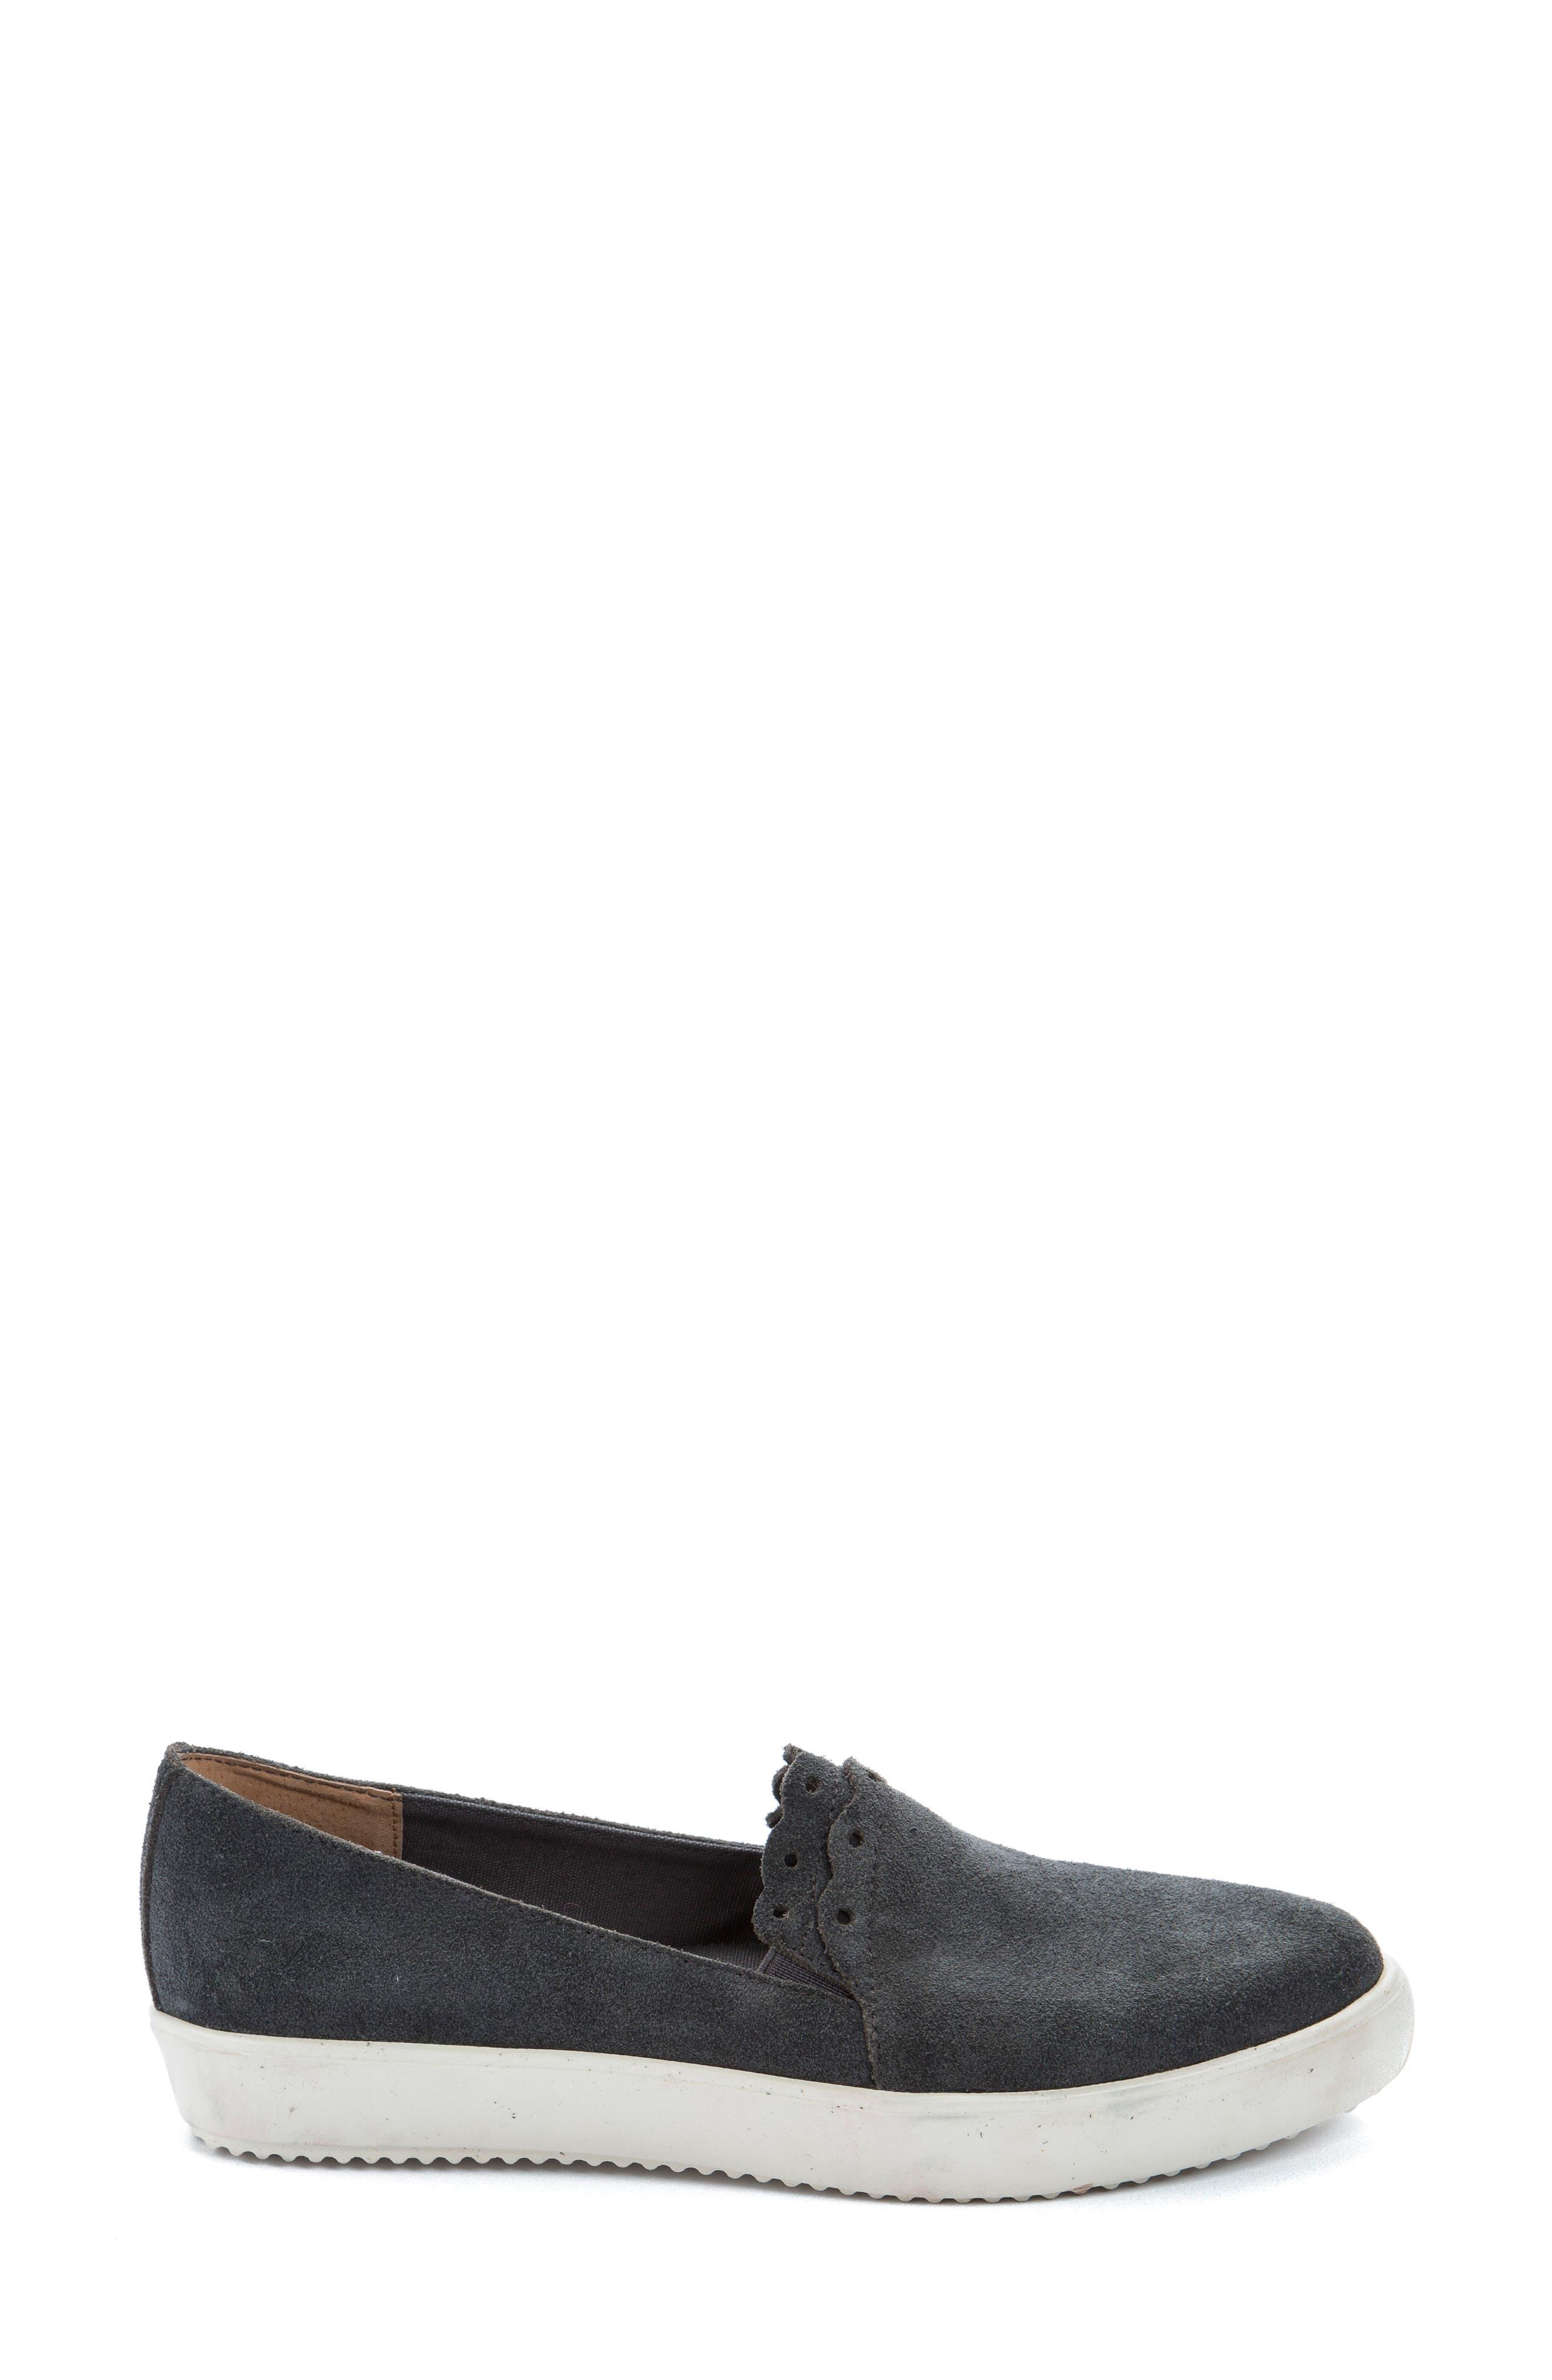 Alternate Image 3  - Latigo Roe Slip-On Sneaker (Women)